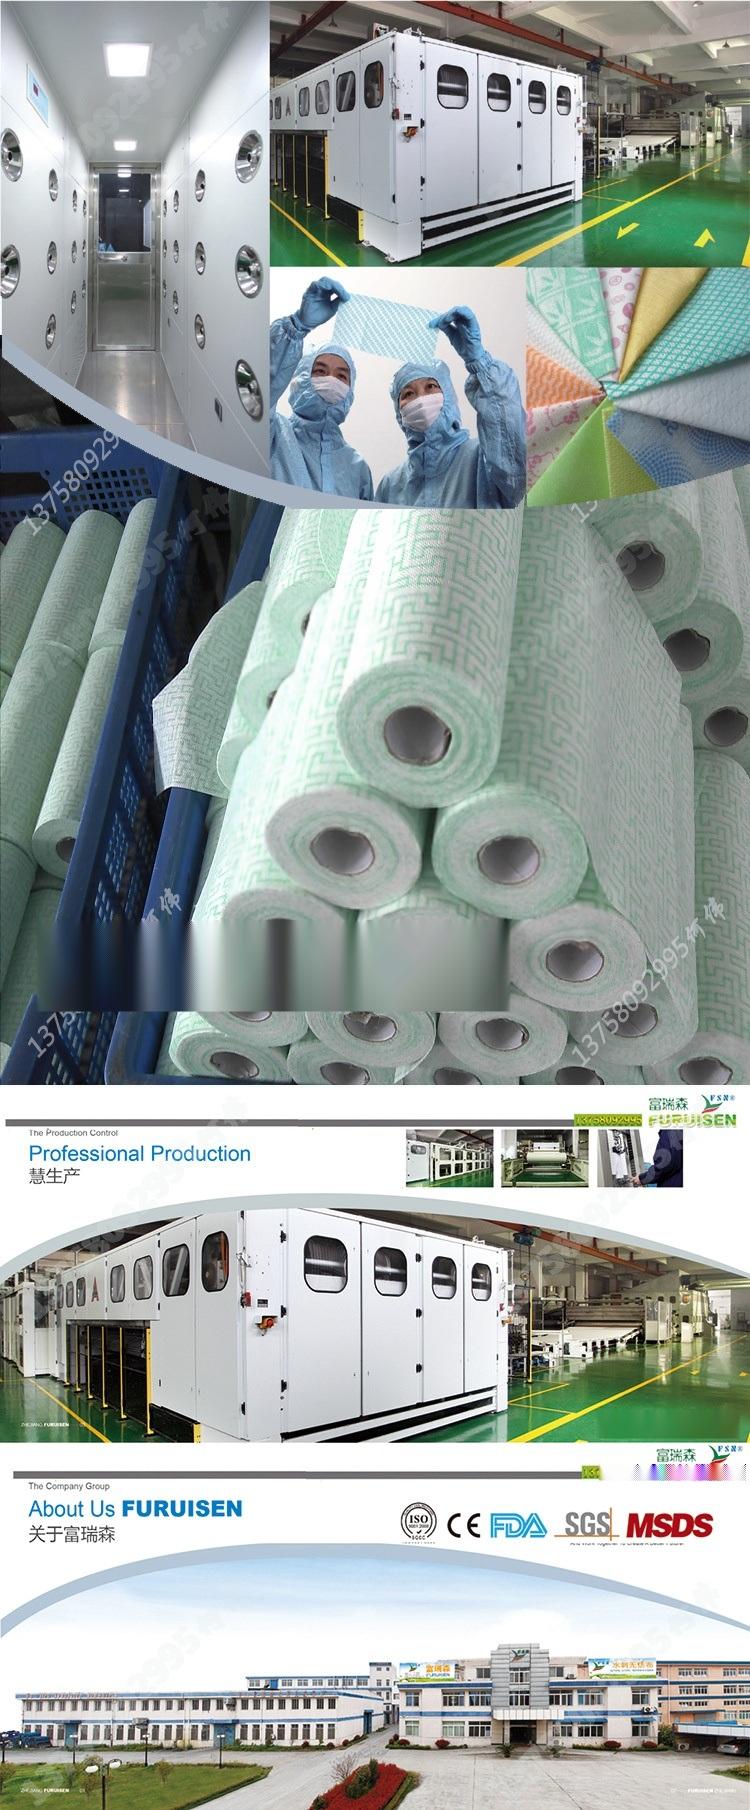 竹纤维打断卷产品详细简介底图12(750宽度)